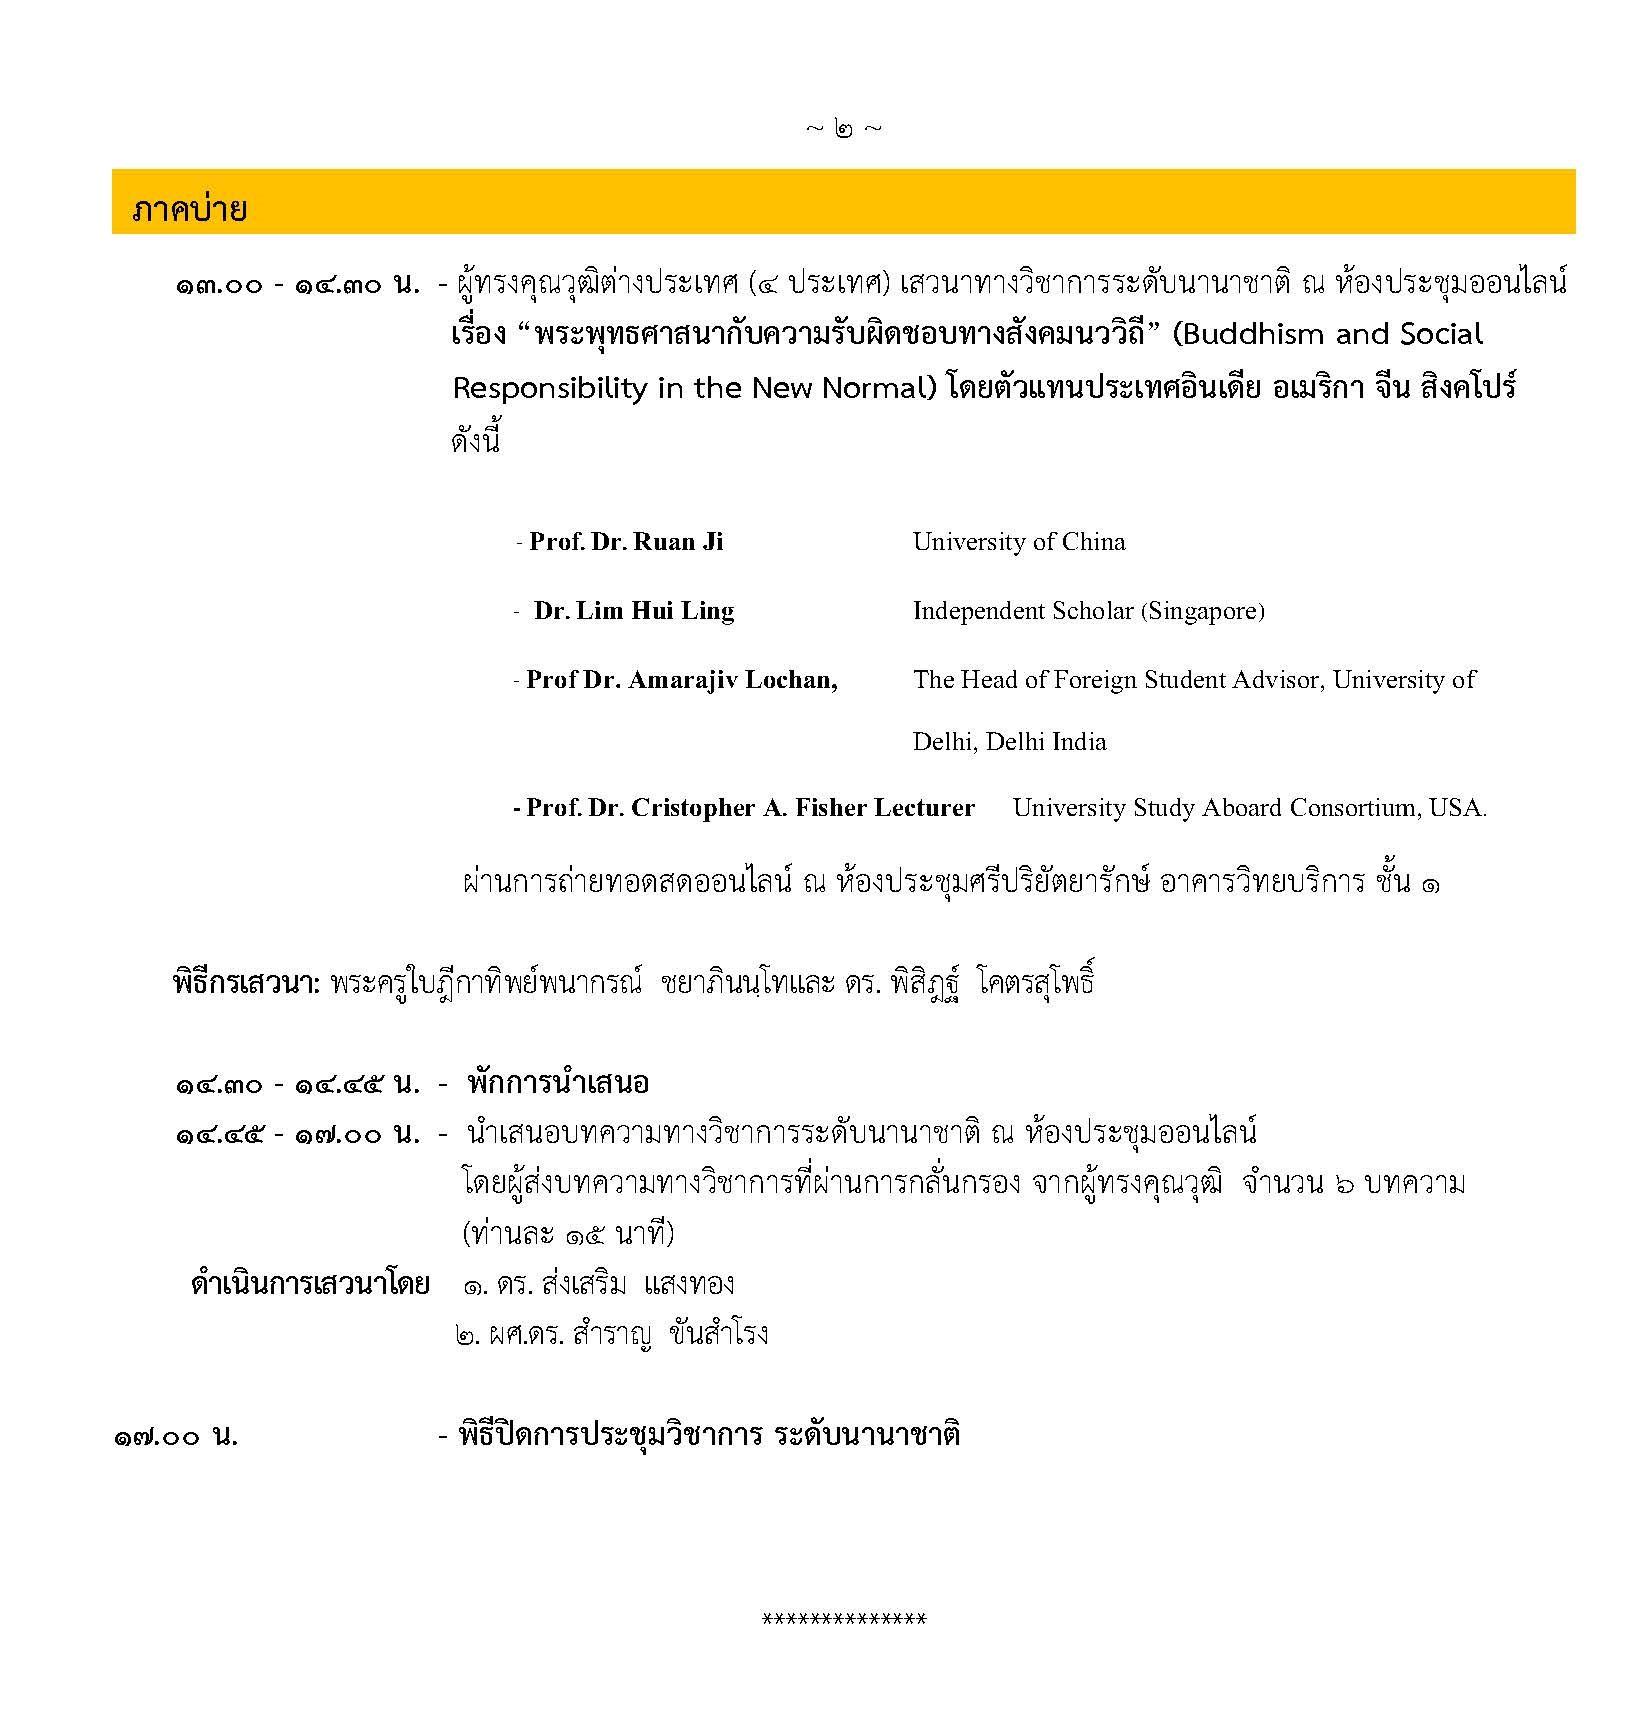 กำหนดการไทย Complete_Page_2